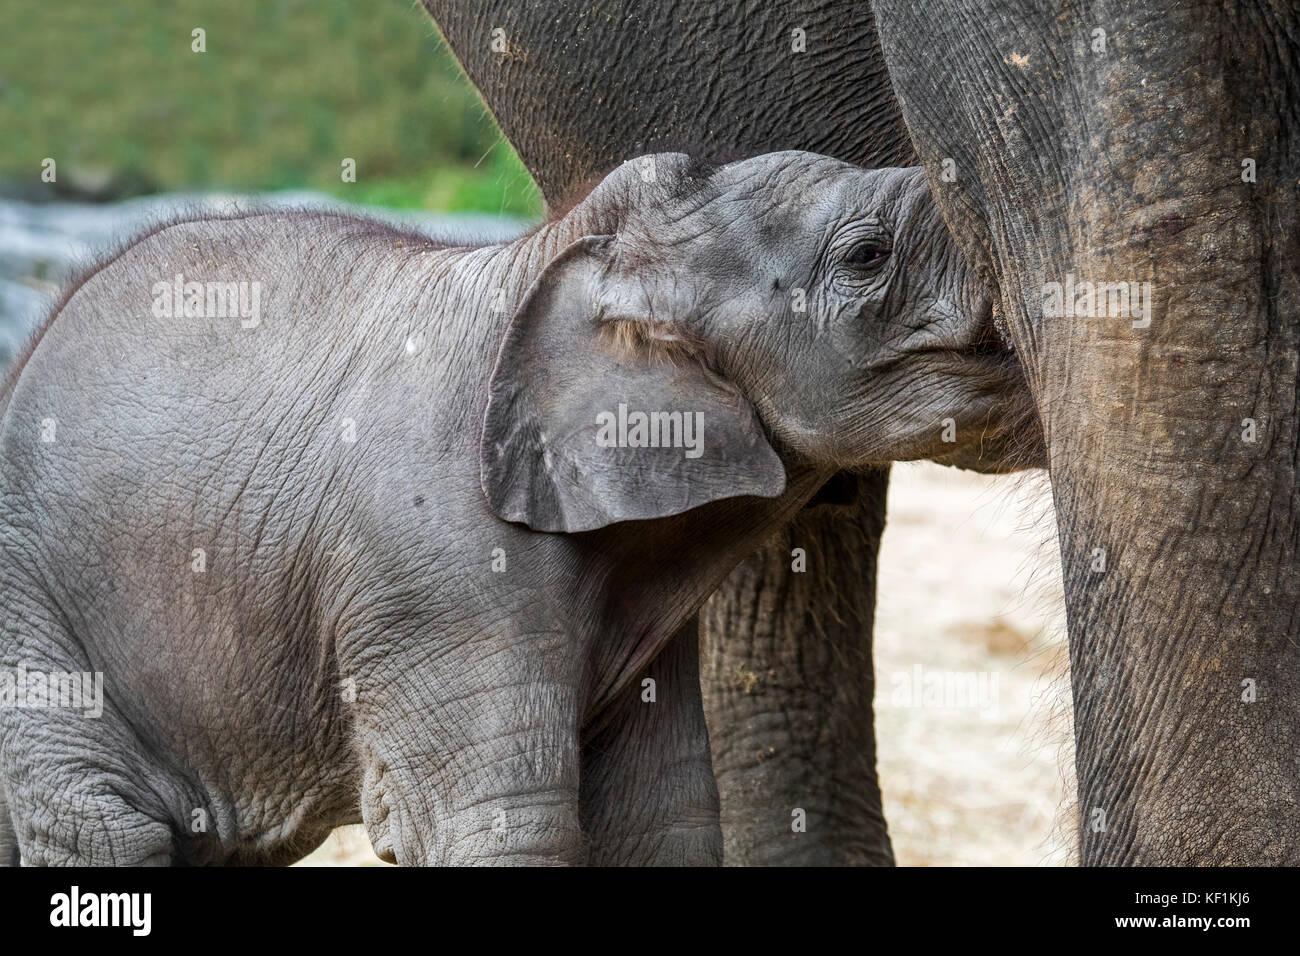 / L'éléphant d'Asie éléphant d'Asie (Elephas maximus) femme / Soins infirmiers vache Photo Stock